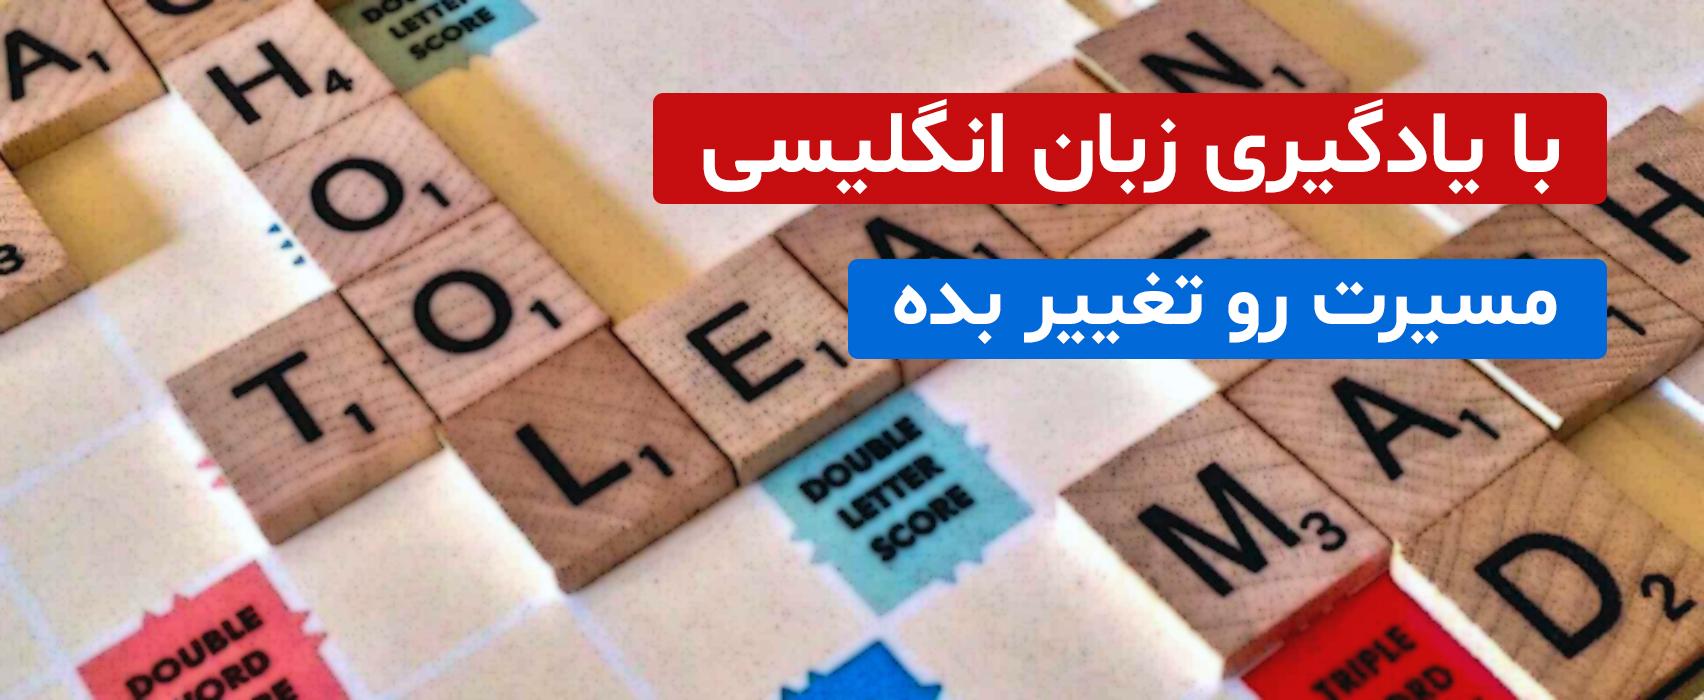 با یادگیری زبان انگلیسی مسیرت رو تغییر بده